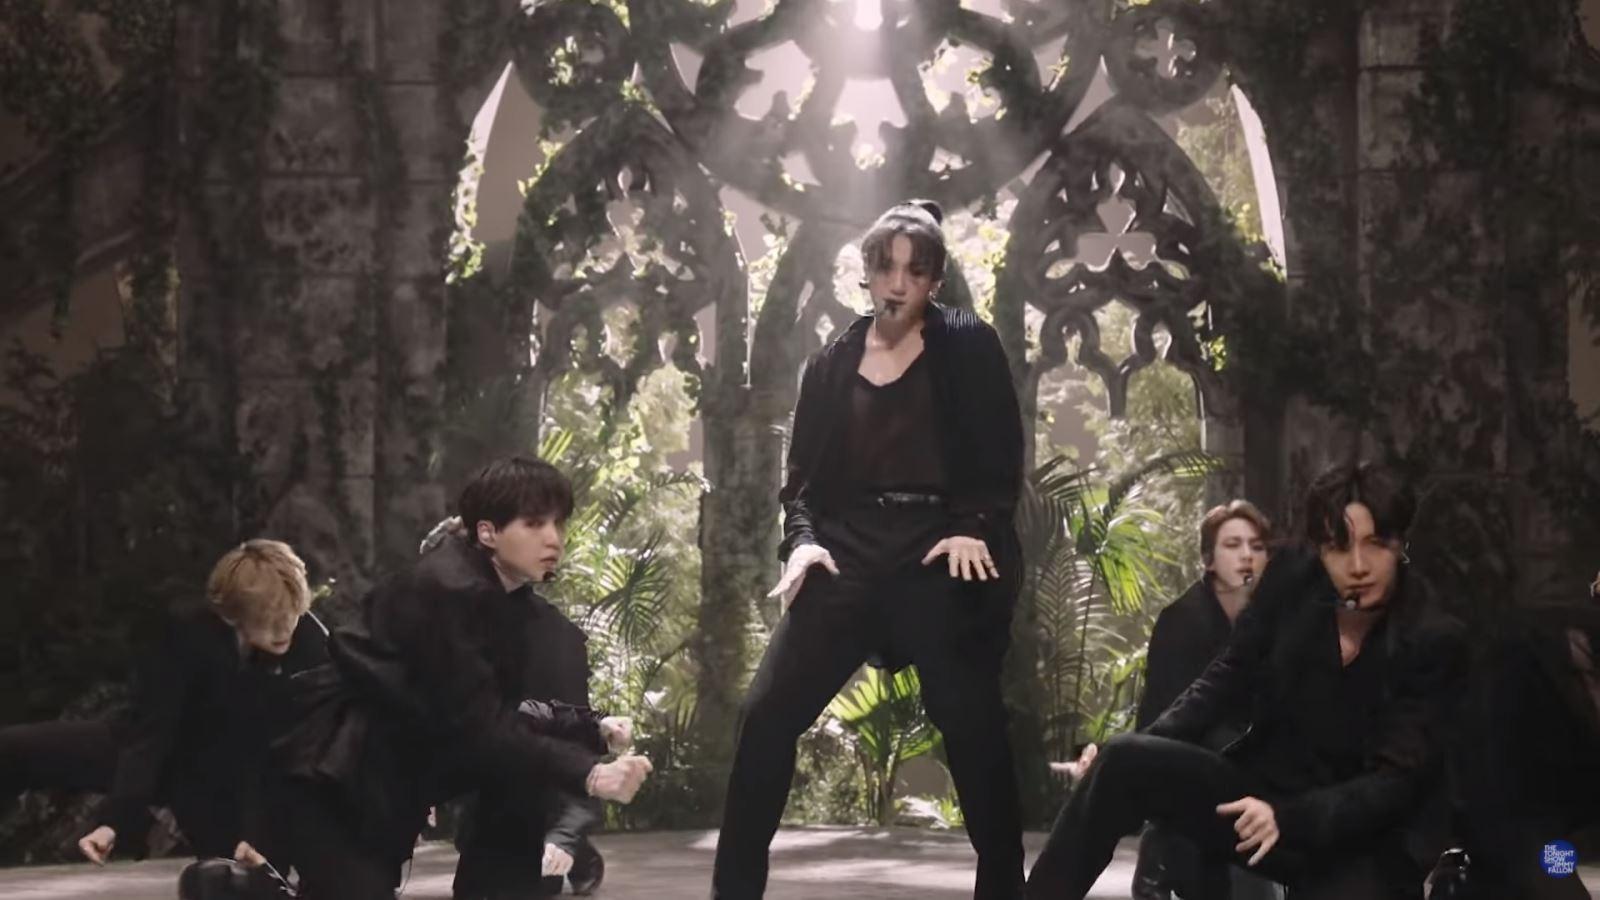 BTS, Jungkook BTS, Jungkook hot hơn cả chung kết NBA, Jungkook nóng bỏng, Jimmy Fallon Show, Black Swan, BTS lên sóng trúng chung kết NBA, Jungkook buộc tóc